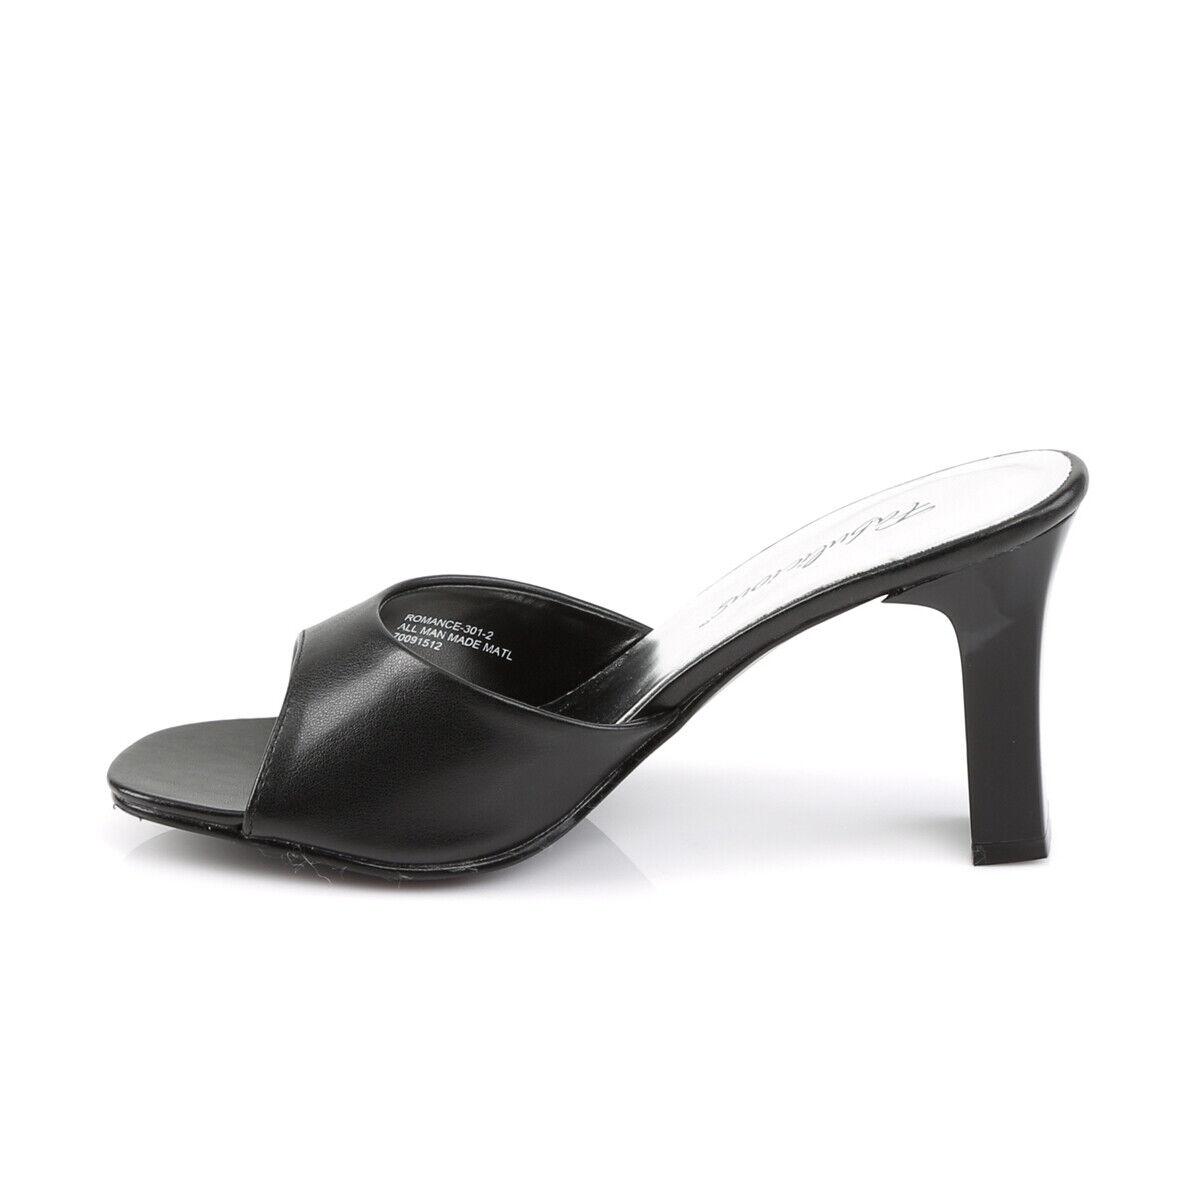 Sandalen Sandaletten High Heels Keilsandaletten Leder bunt